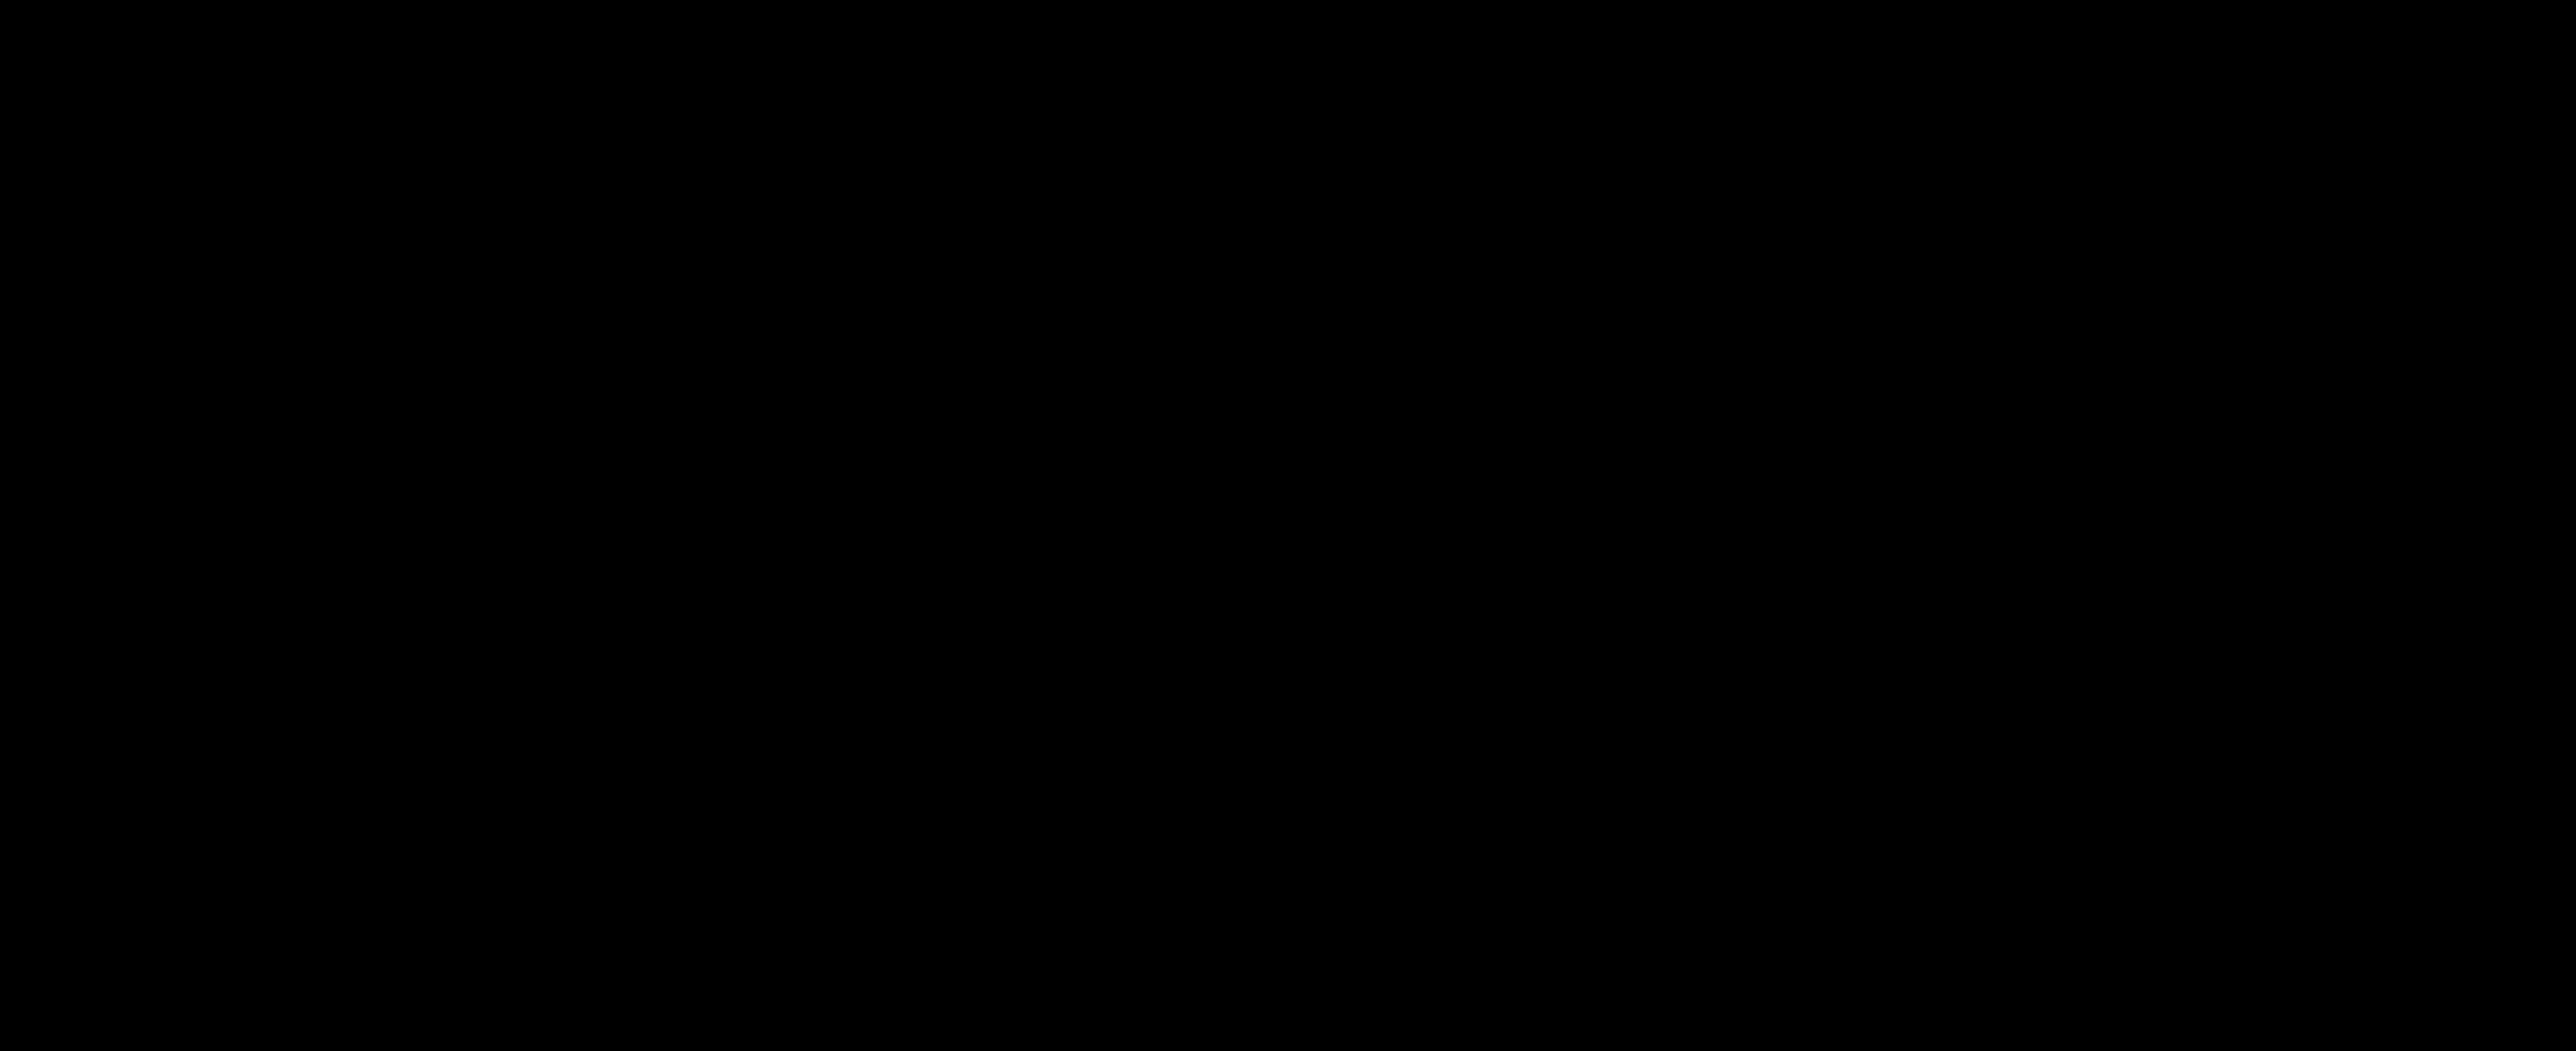 https://www.julabo.com/sites/default/files/revslider/image/Cover_Black.jpg